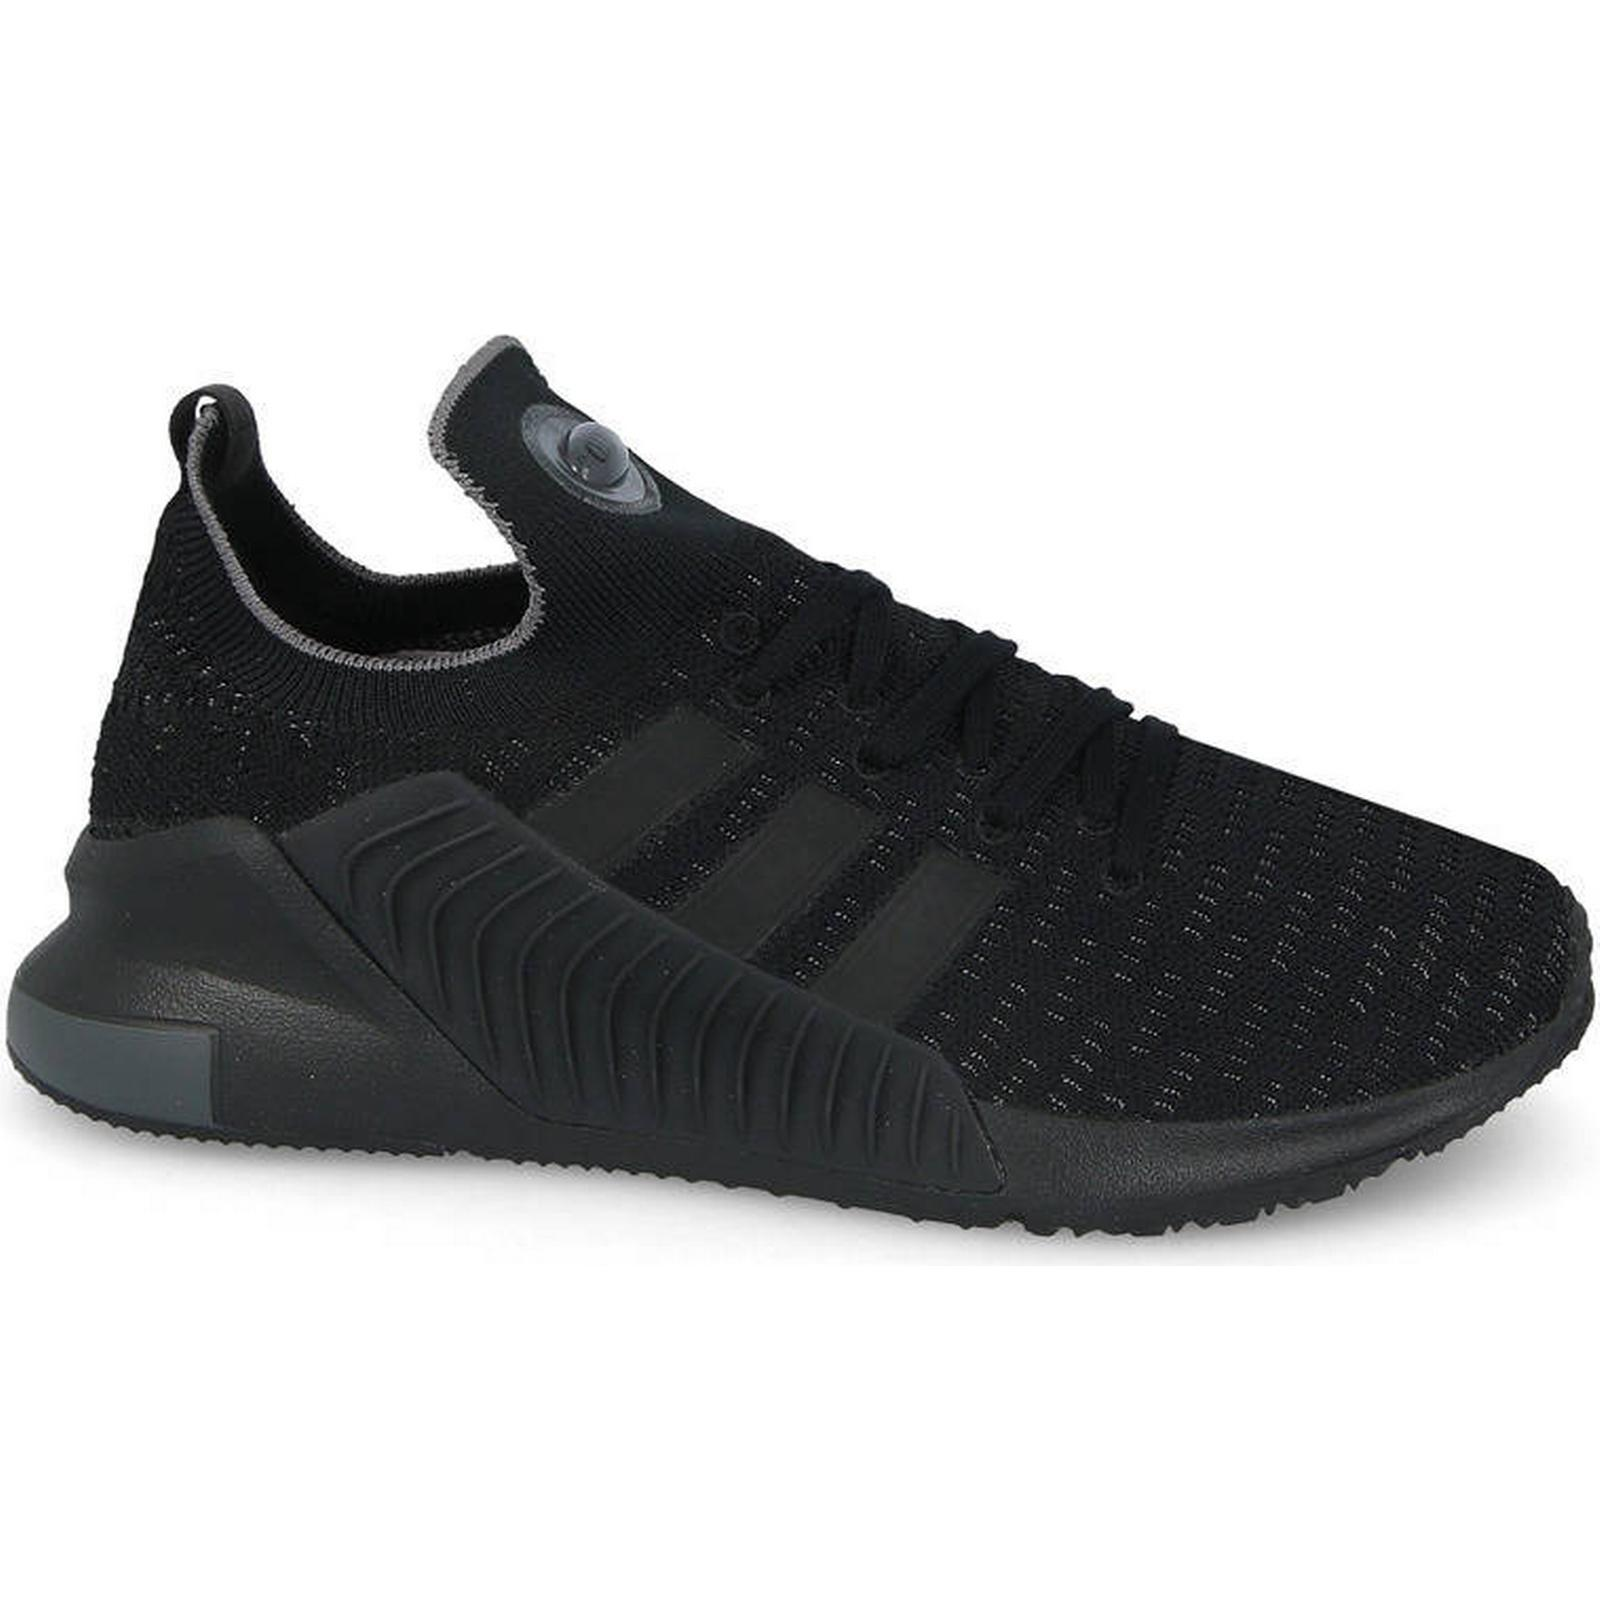 Adidas Originals Men's Shoes sneakers adidas Originals Size Climacool Primeknit CQ2246 BLACK Size Originals 45 1/3 ca9398